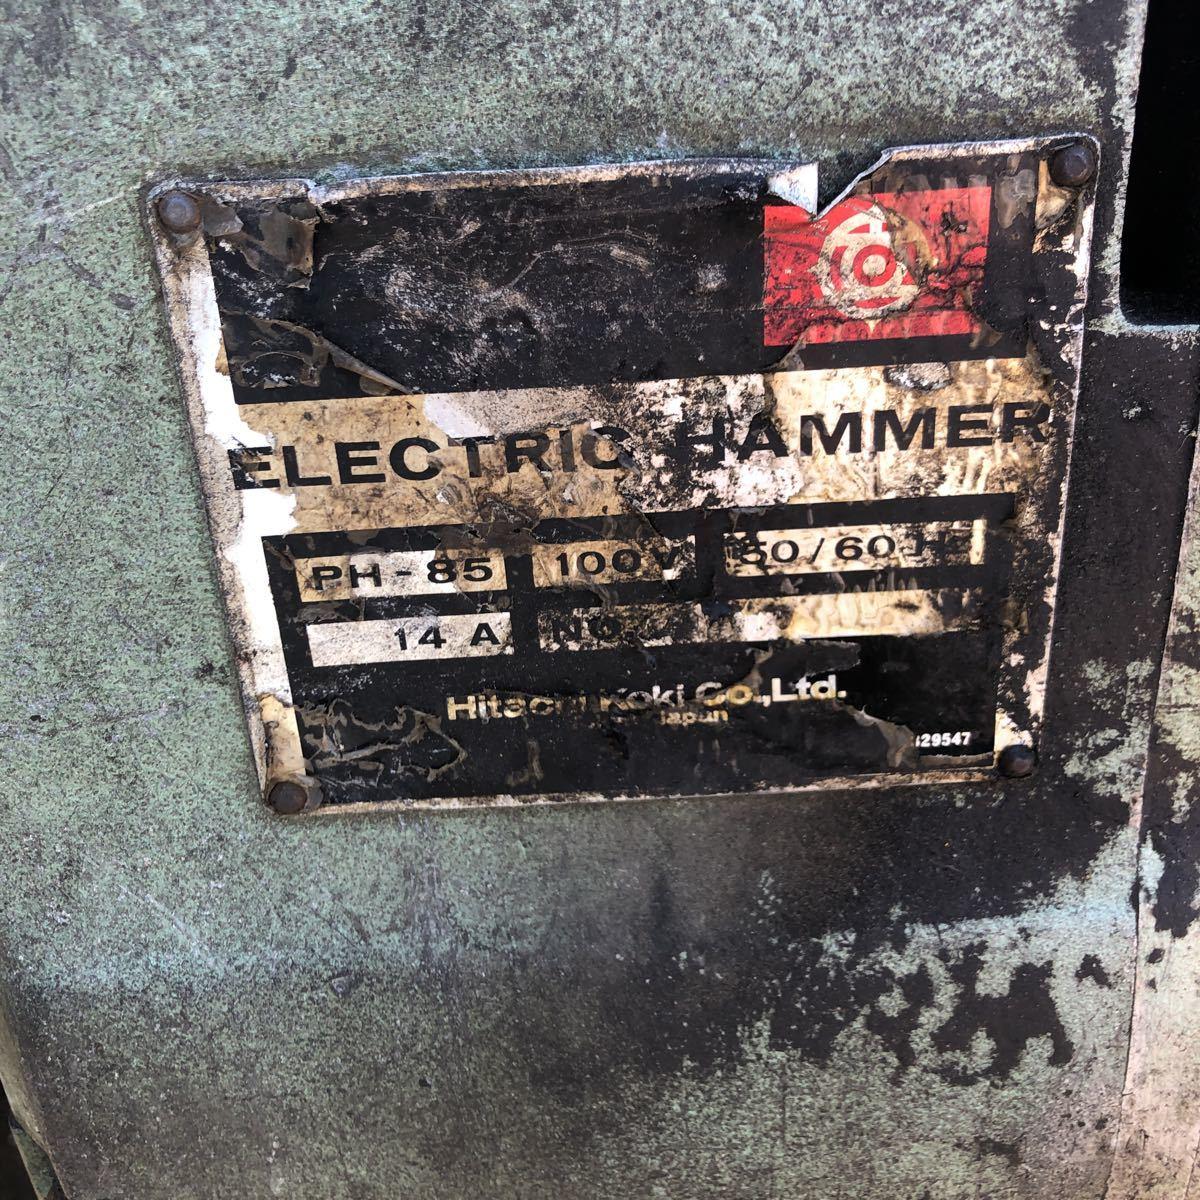 ハツリ機 エレェクトリック ハンマー日立 100v 日立 ph-85電動ハンマー ハンマ ハツリ機 はつり機 大型 破砕 土間ハツリ _画像4